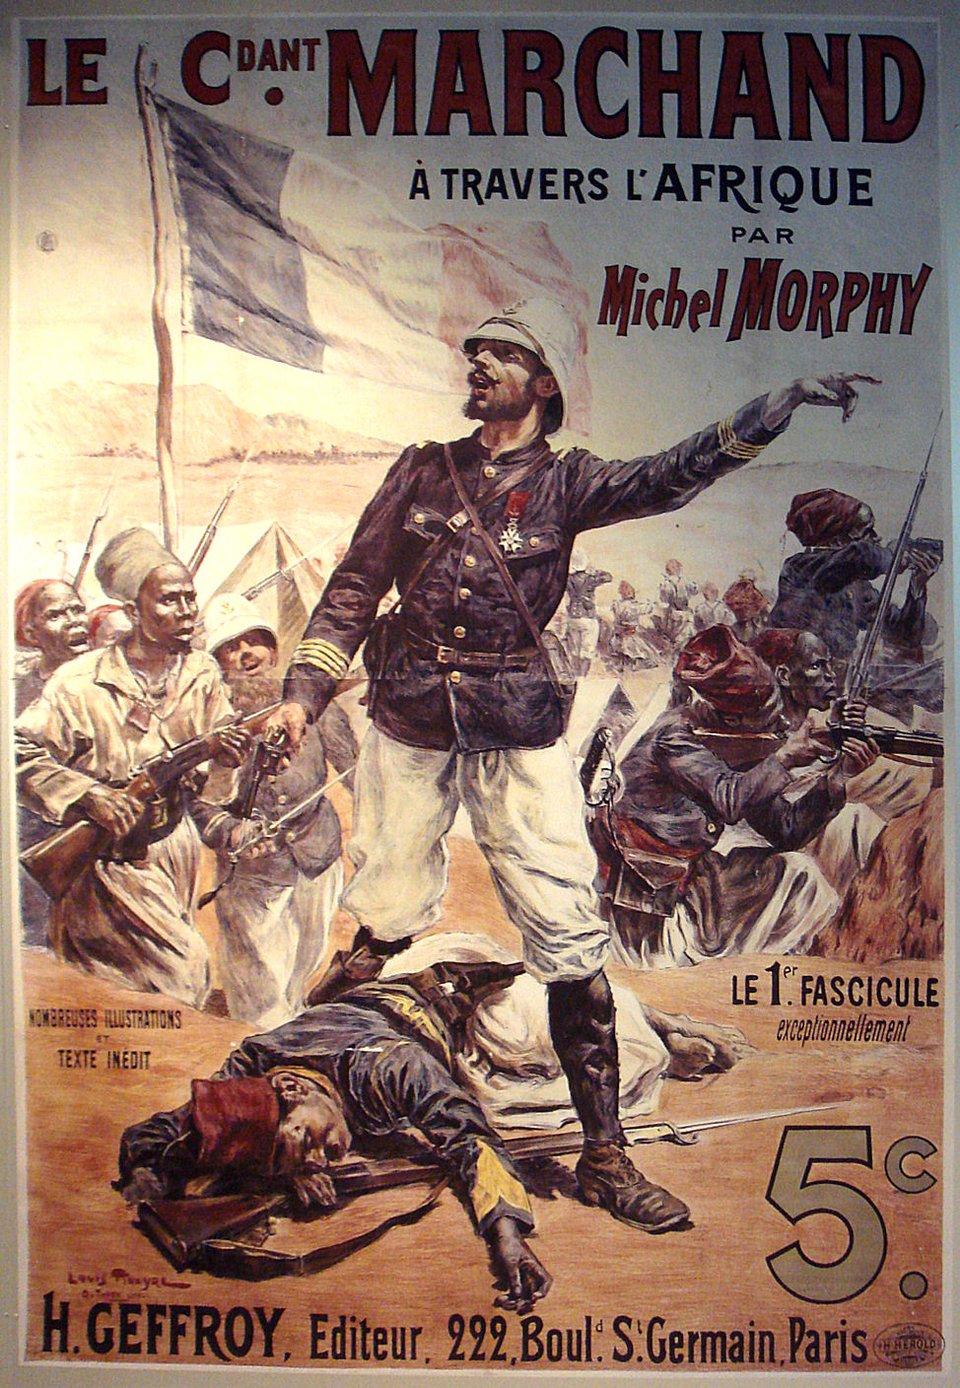 Major Marchand wdrodze przez Afrykę Źródło: Major Marchand wdrodze przez Afrykę, 2007, Prywatne zdjęcie okładki z1898 publikacji wMusee de l'Armee, Paryż, licencja: CC BY-SA 3.0.